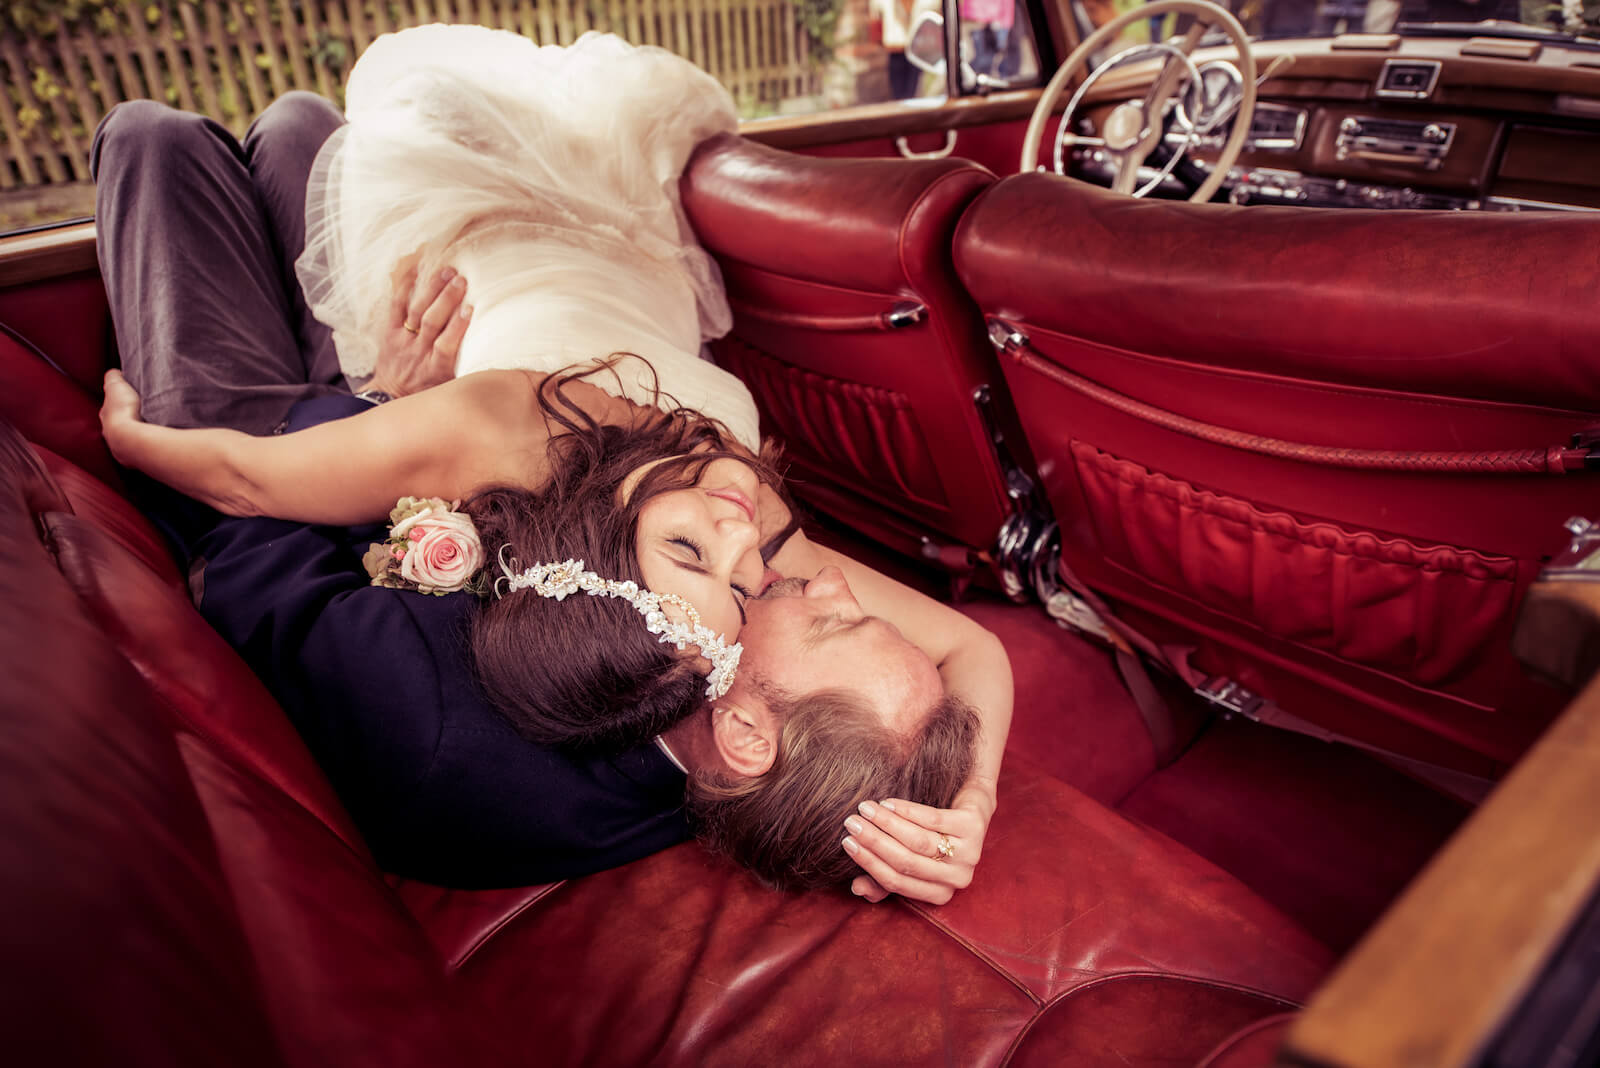 Hochzeit Bohostyle Landsberg - das Brautpaar liegt im Fond eines Mercedes W189